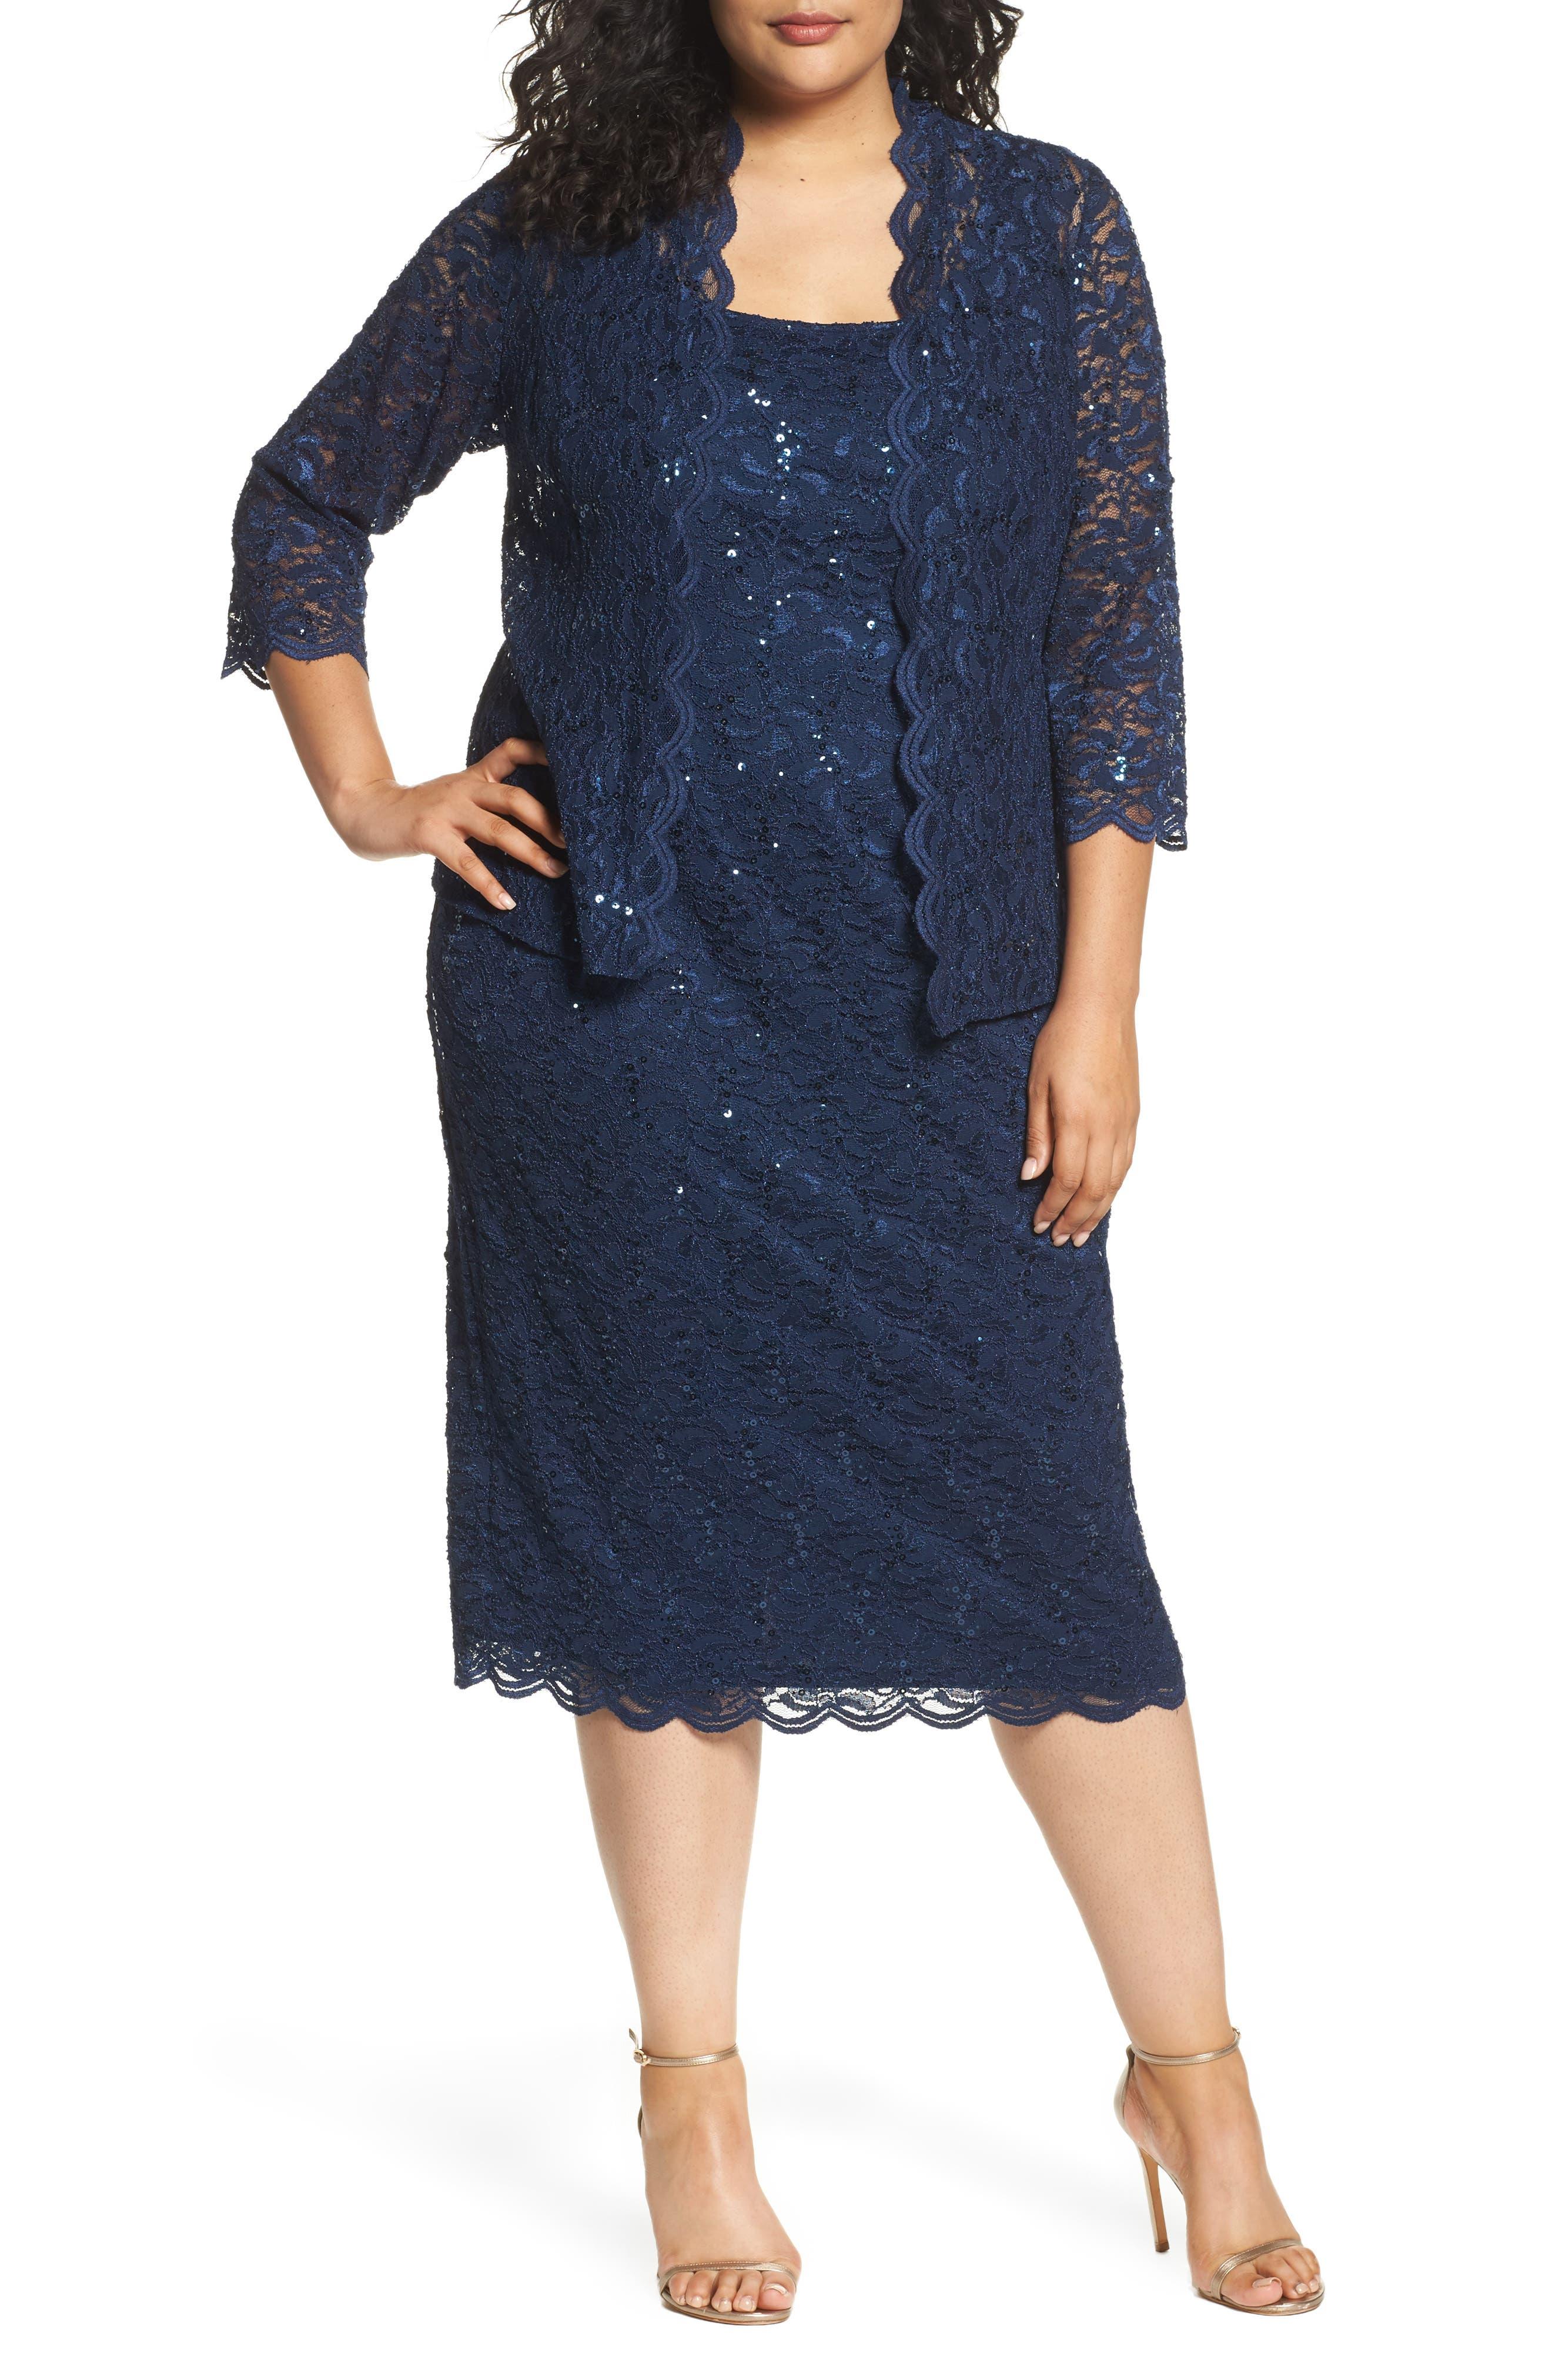 1960s Evening Dresses, Bridesmaids, Mothers Gowns Plus Size Womens Alex Evenings Lace Dress  Jacket Size 16W - Blue $189.00 AT vintagedancer.com